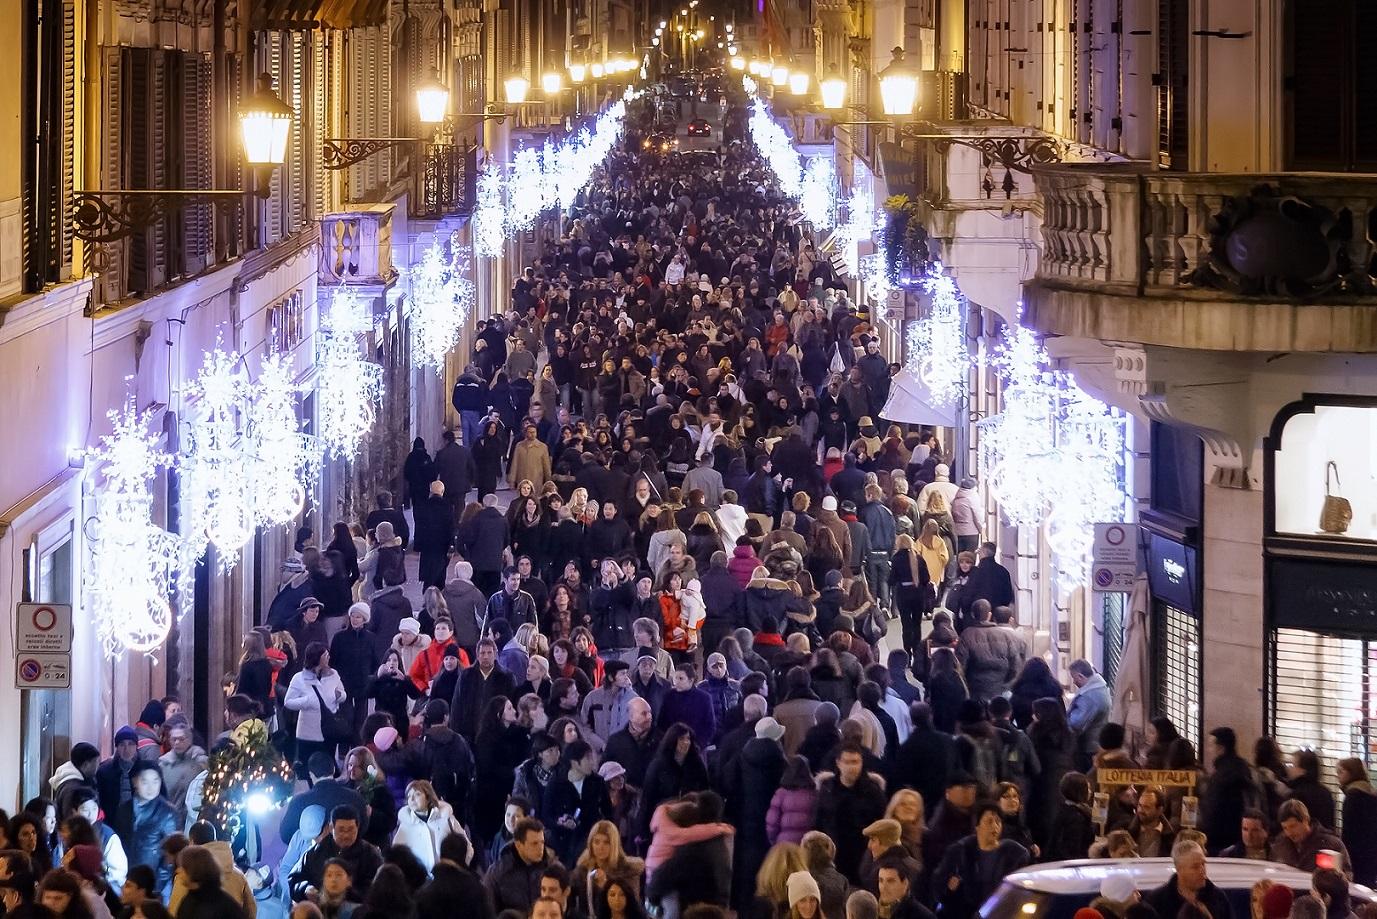 Jak zwykle bez zmian - Święta to nerwy i niekończące się kolejki święta Tłok Święta